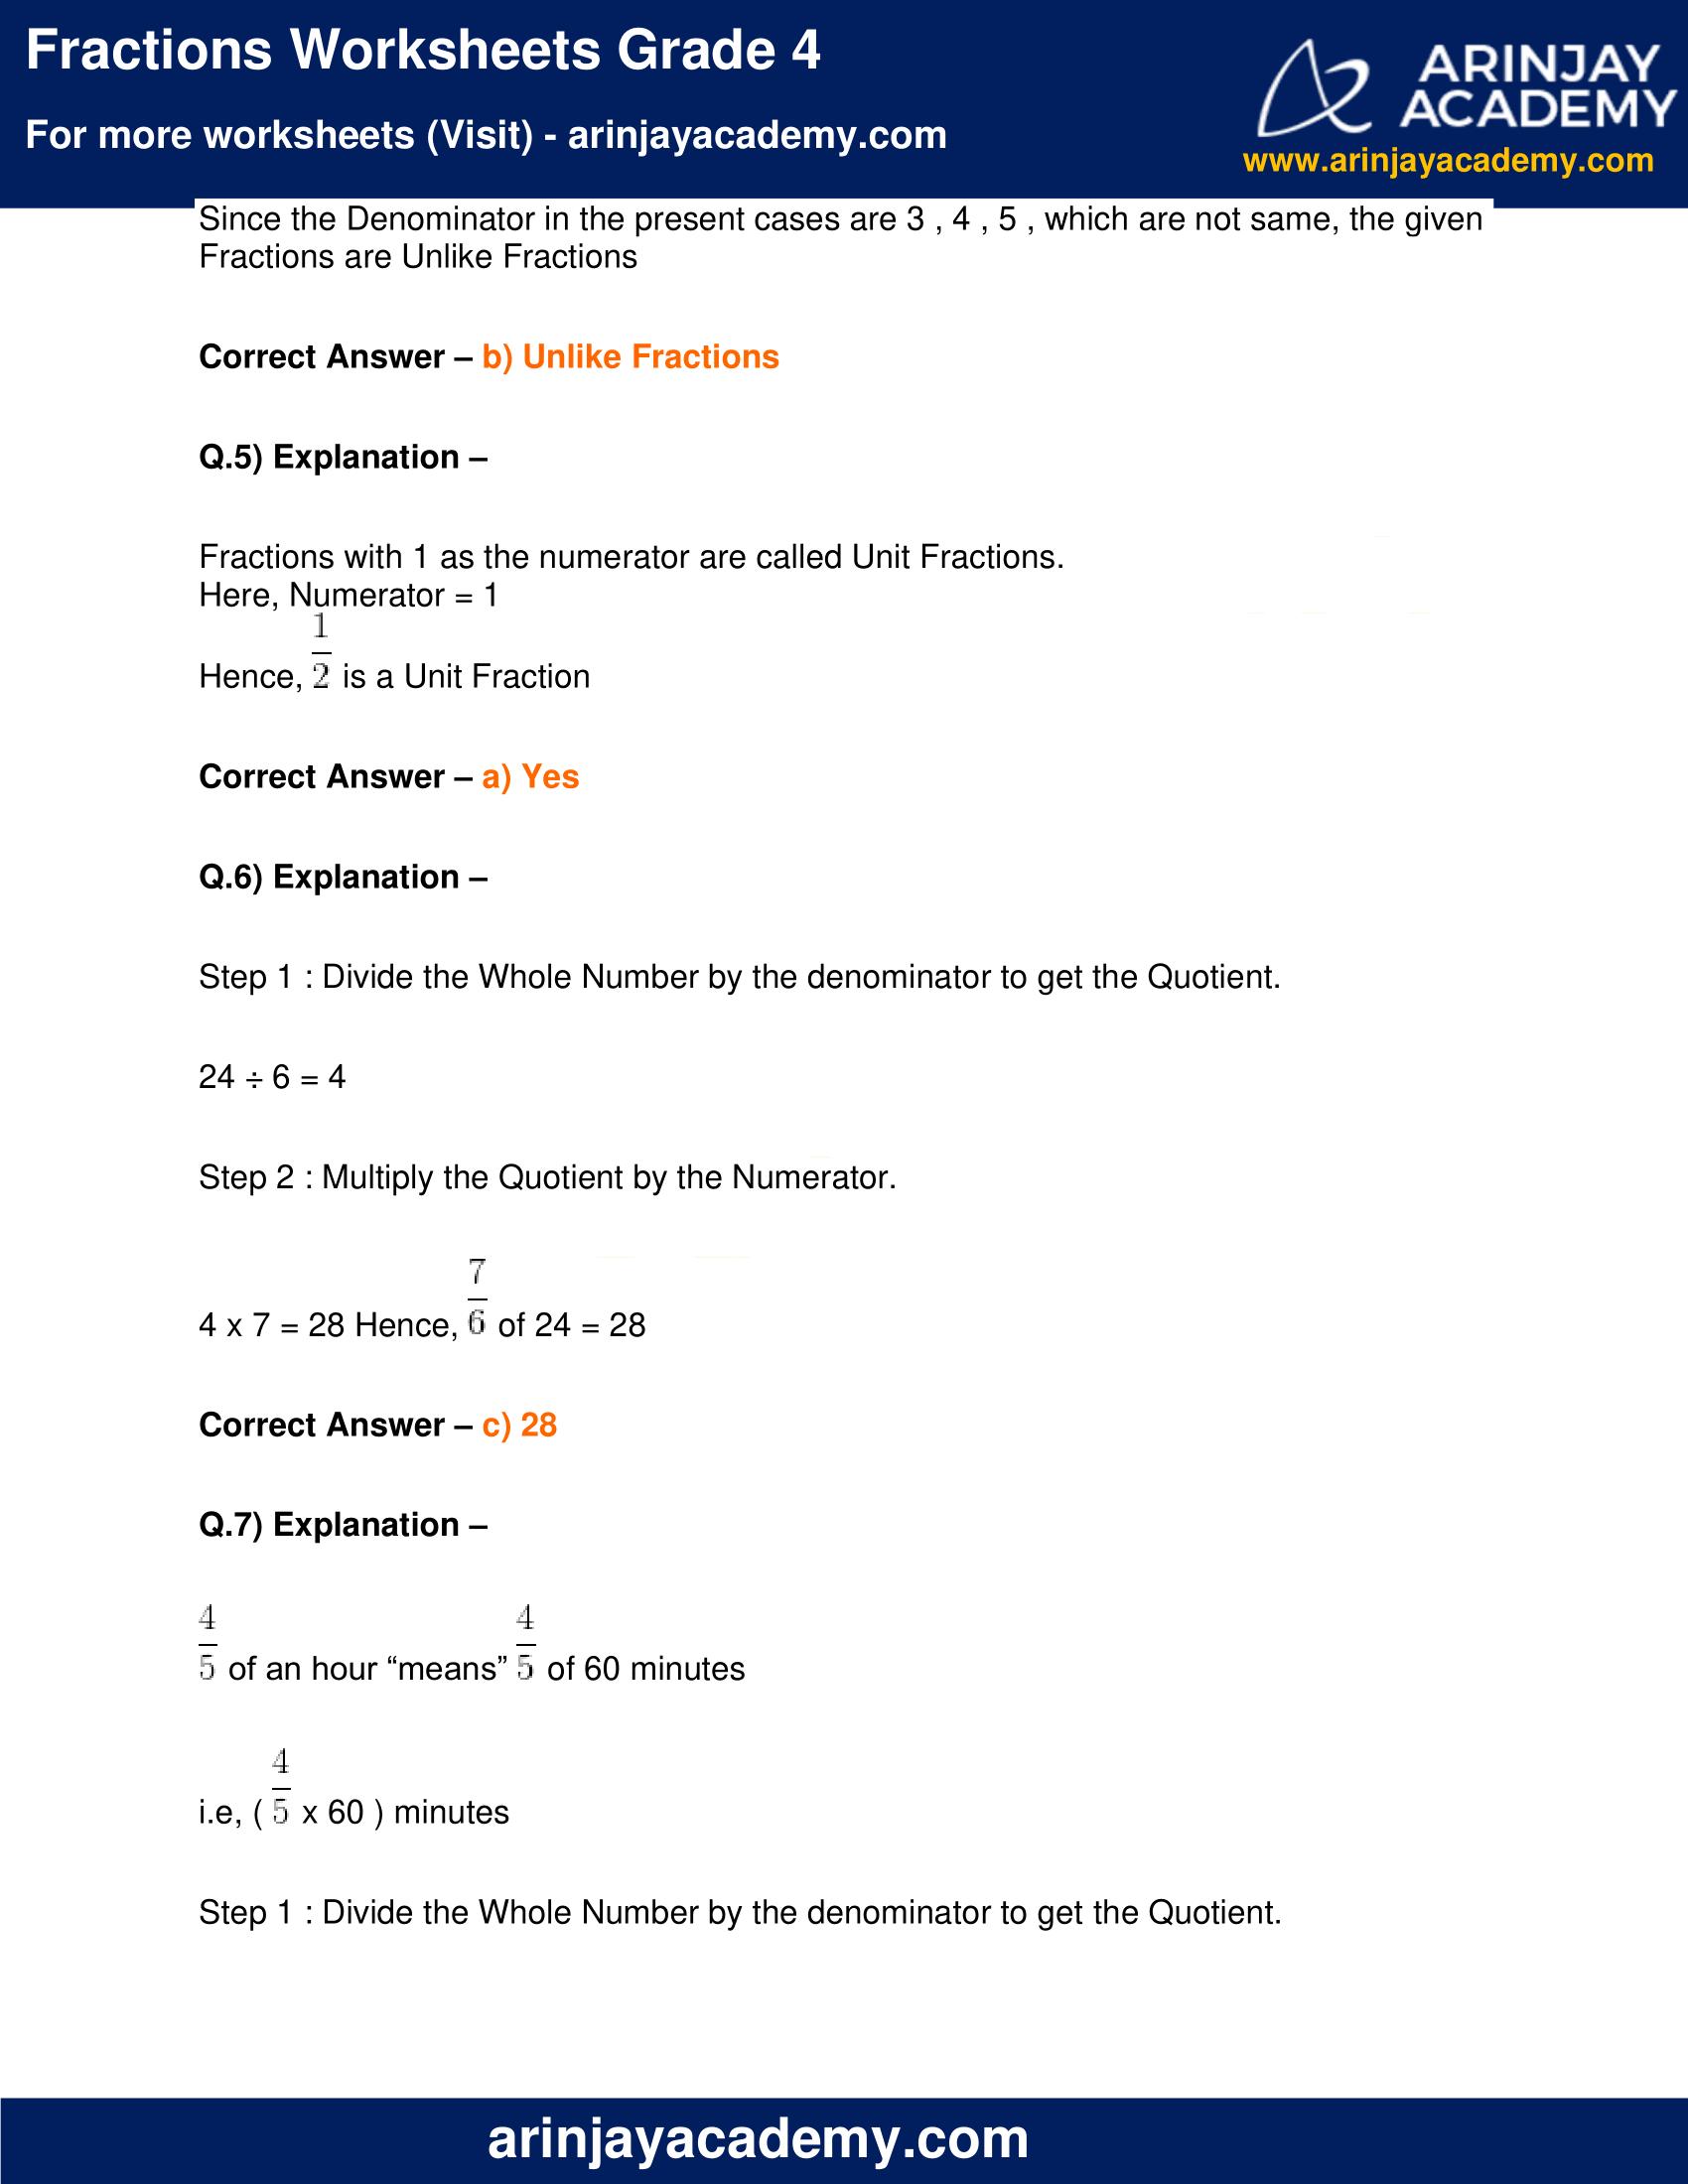 Fractions Worksheets Grade 4 image 8